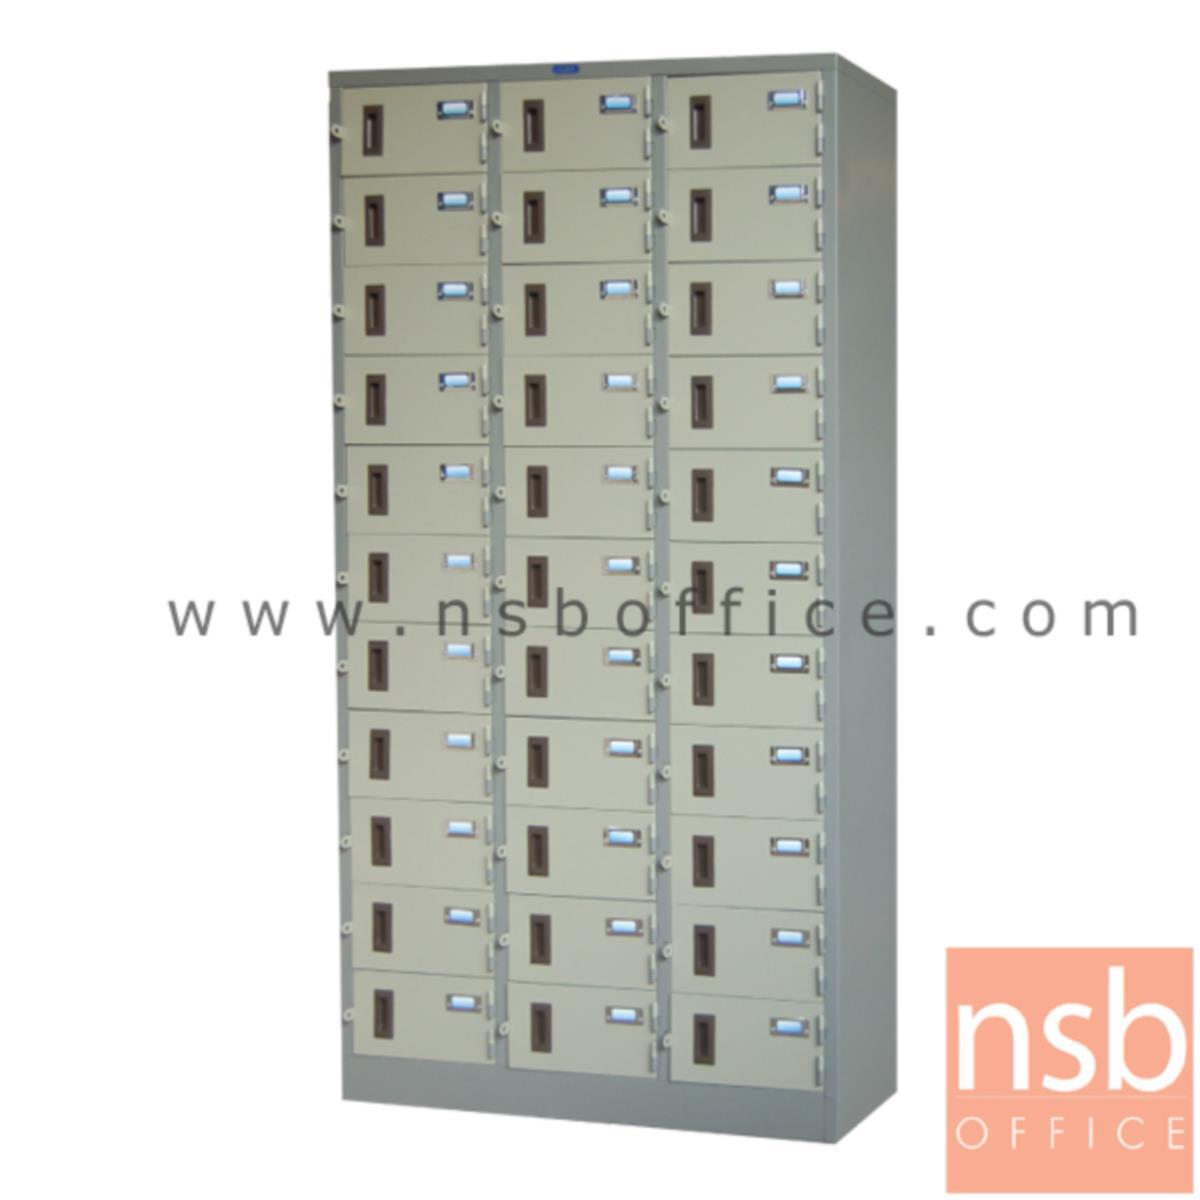 E08A059:ตู้ล็อกเกอร์ 33 ประตู  รุ่น LK-033   ไม่มีกุญแจ มีเฉพาะสายคล้อง